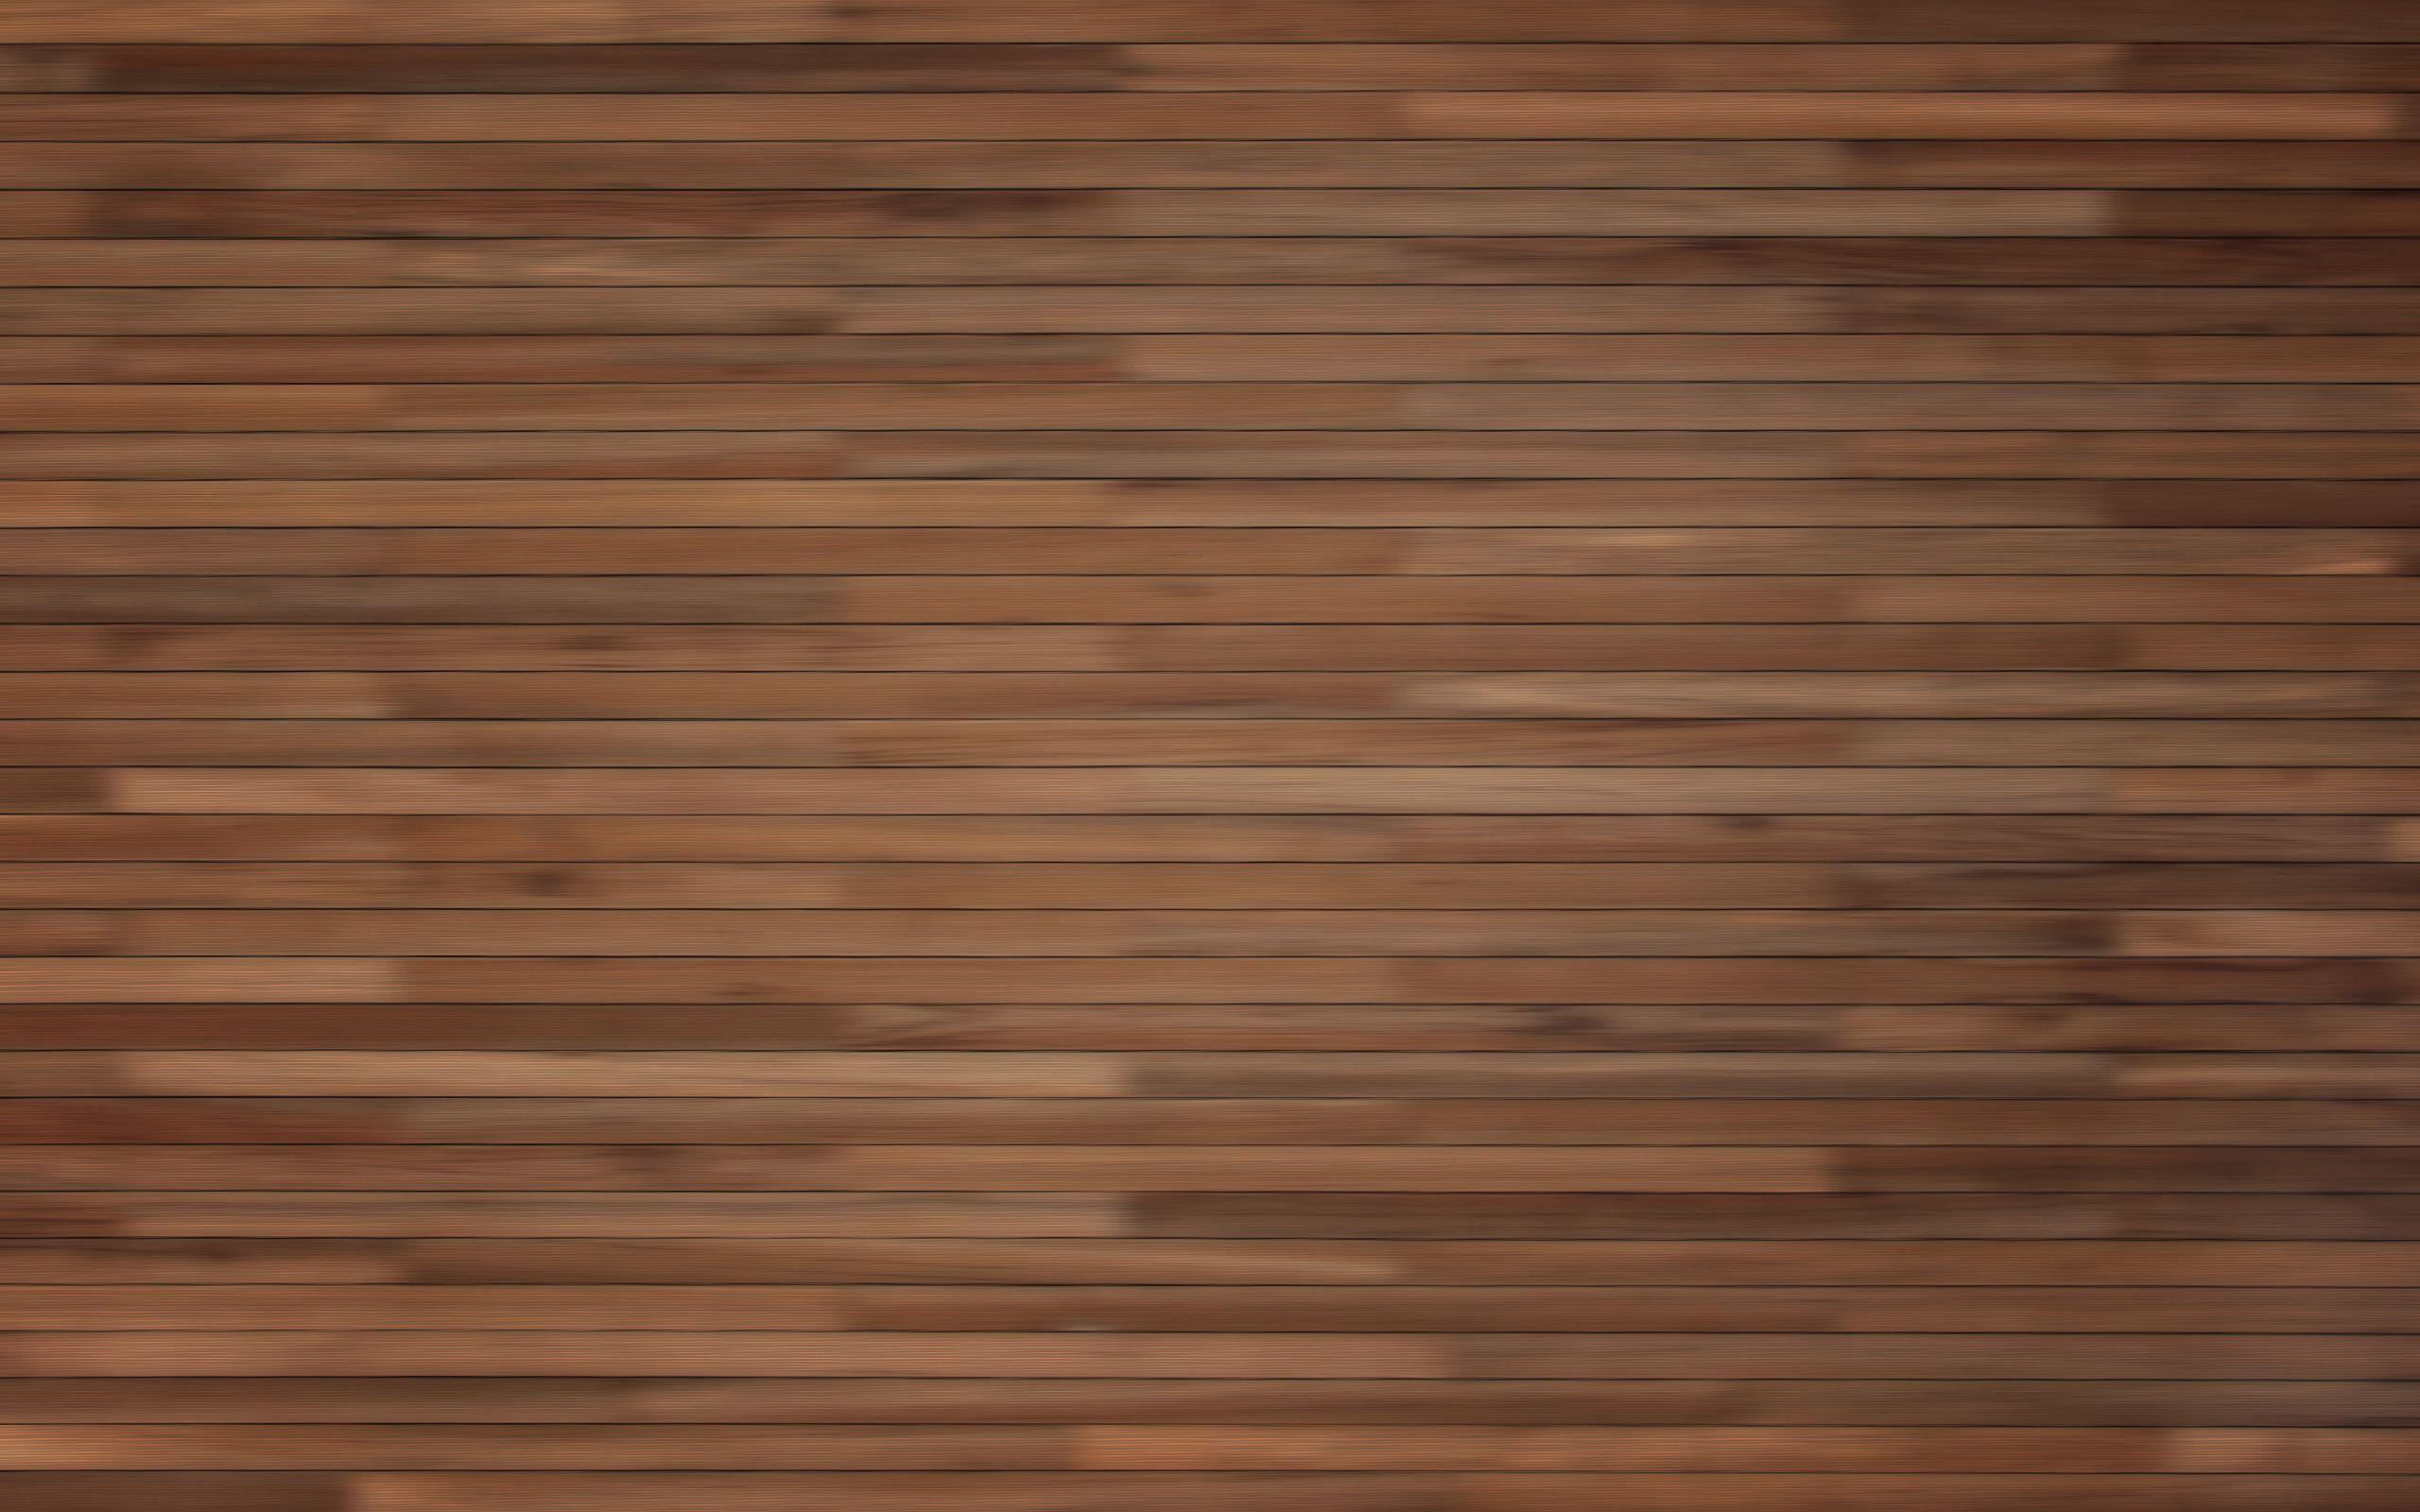 Wood floor texture gurus floor for Texture floor